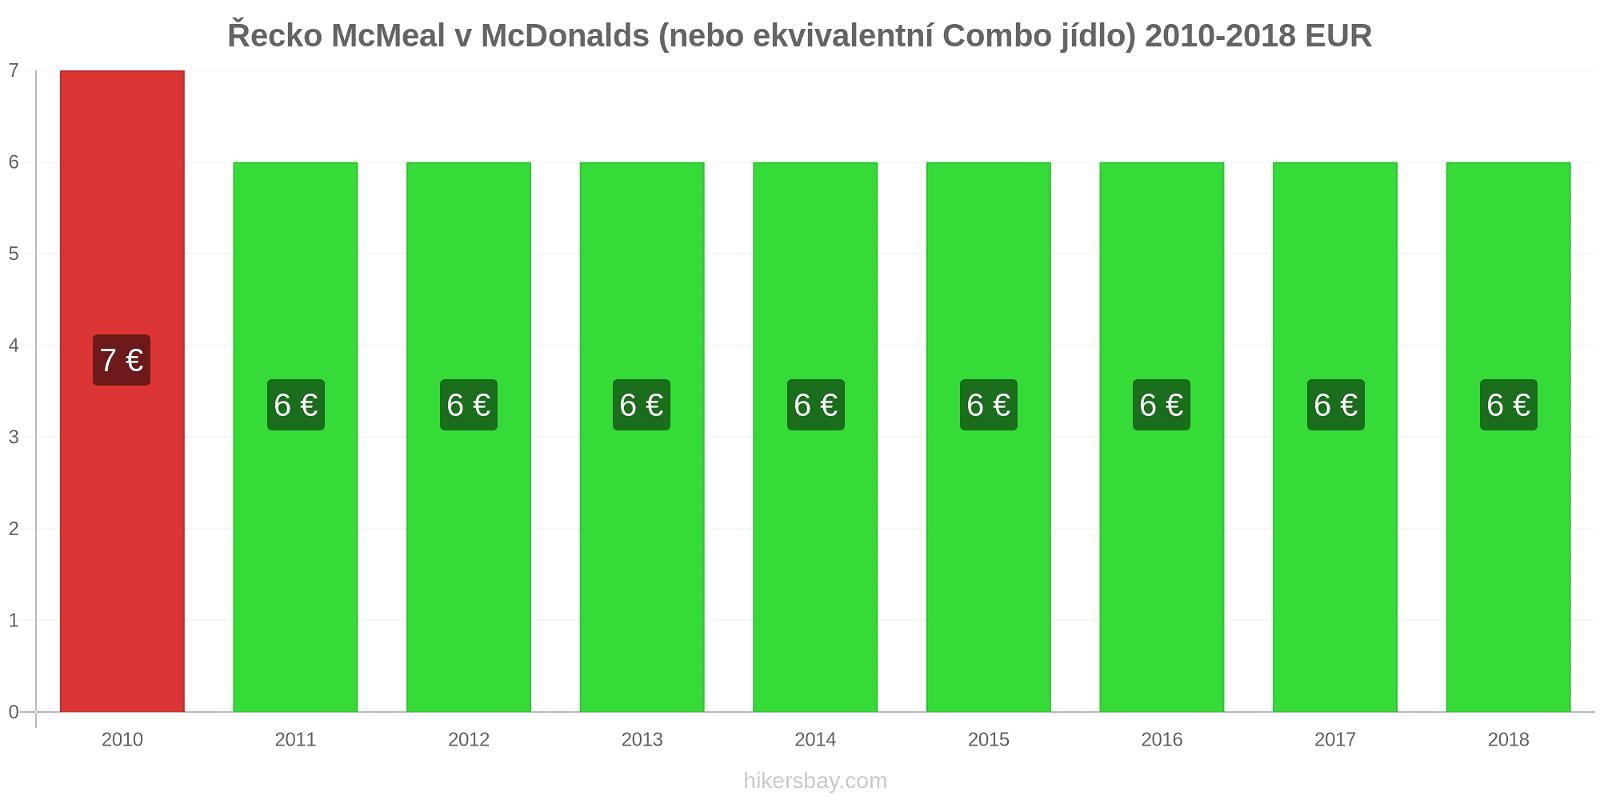 Řecko změny cen McMeal v McDonalds (nebo ekvivalentní Combo jídlo) hikersbay.com